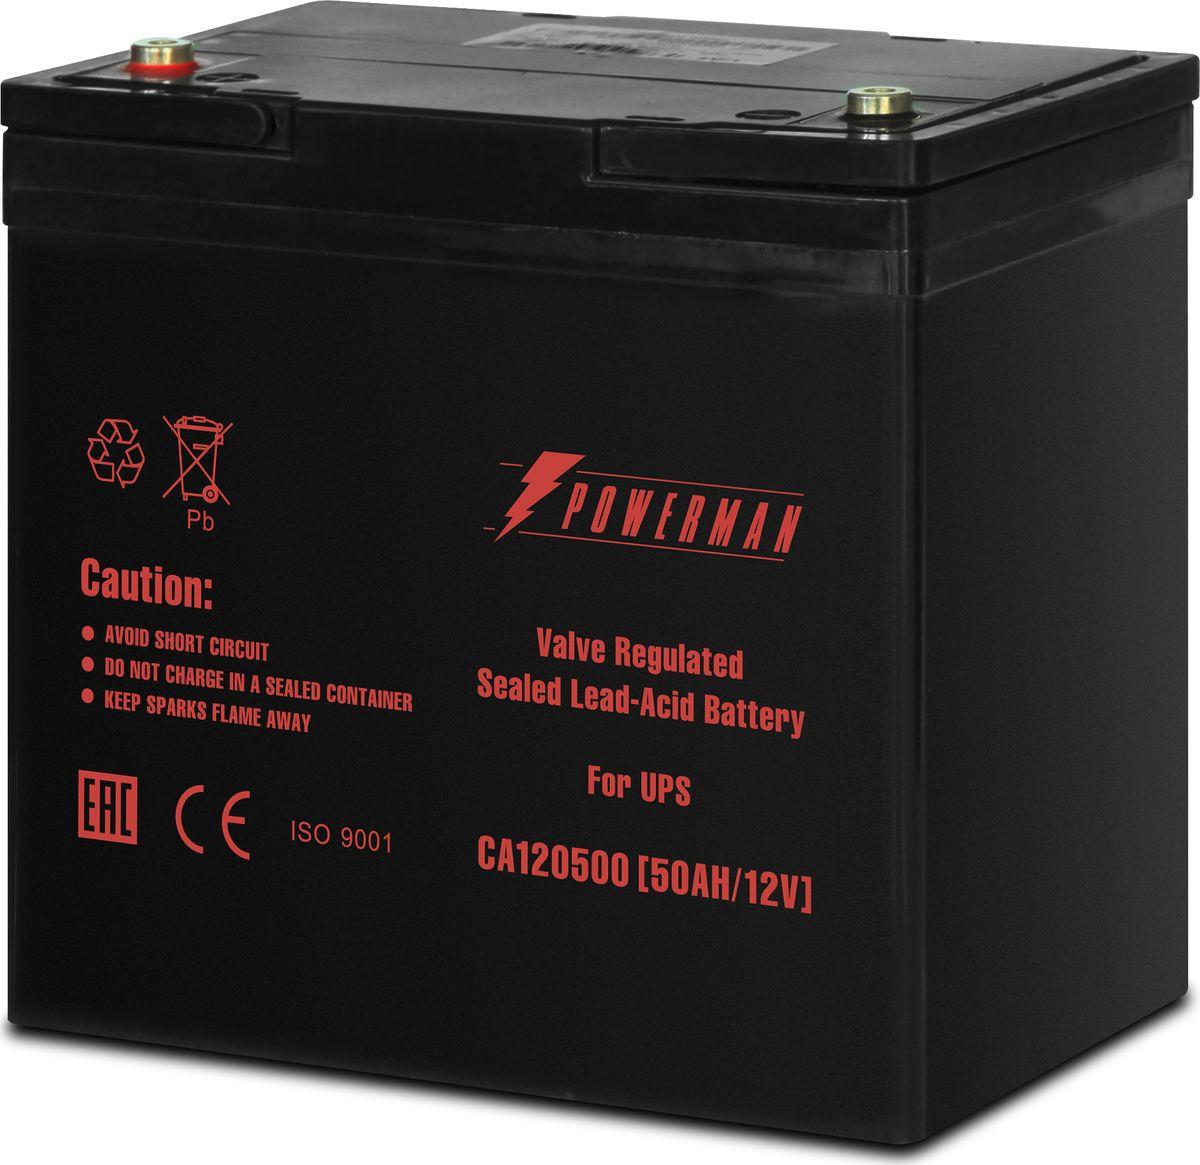 Аккумулятор Powerman  CA12500/UPS , 50000 мАч - Источники бесперебойного питания (UPS)